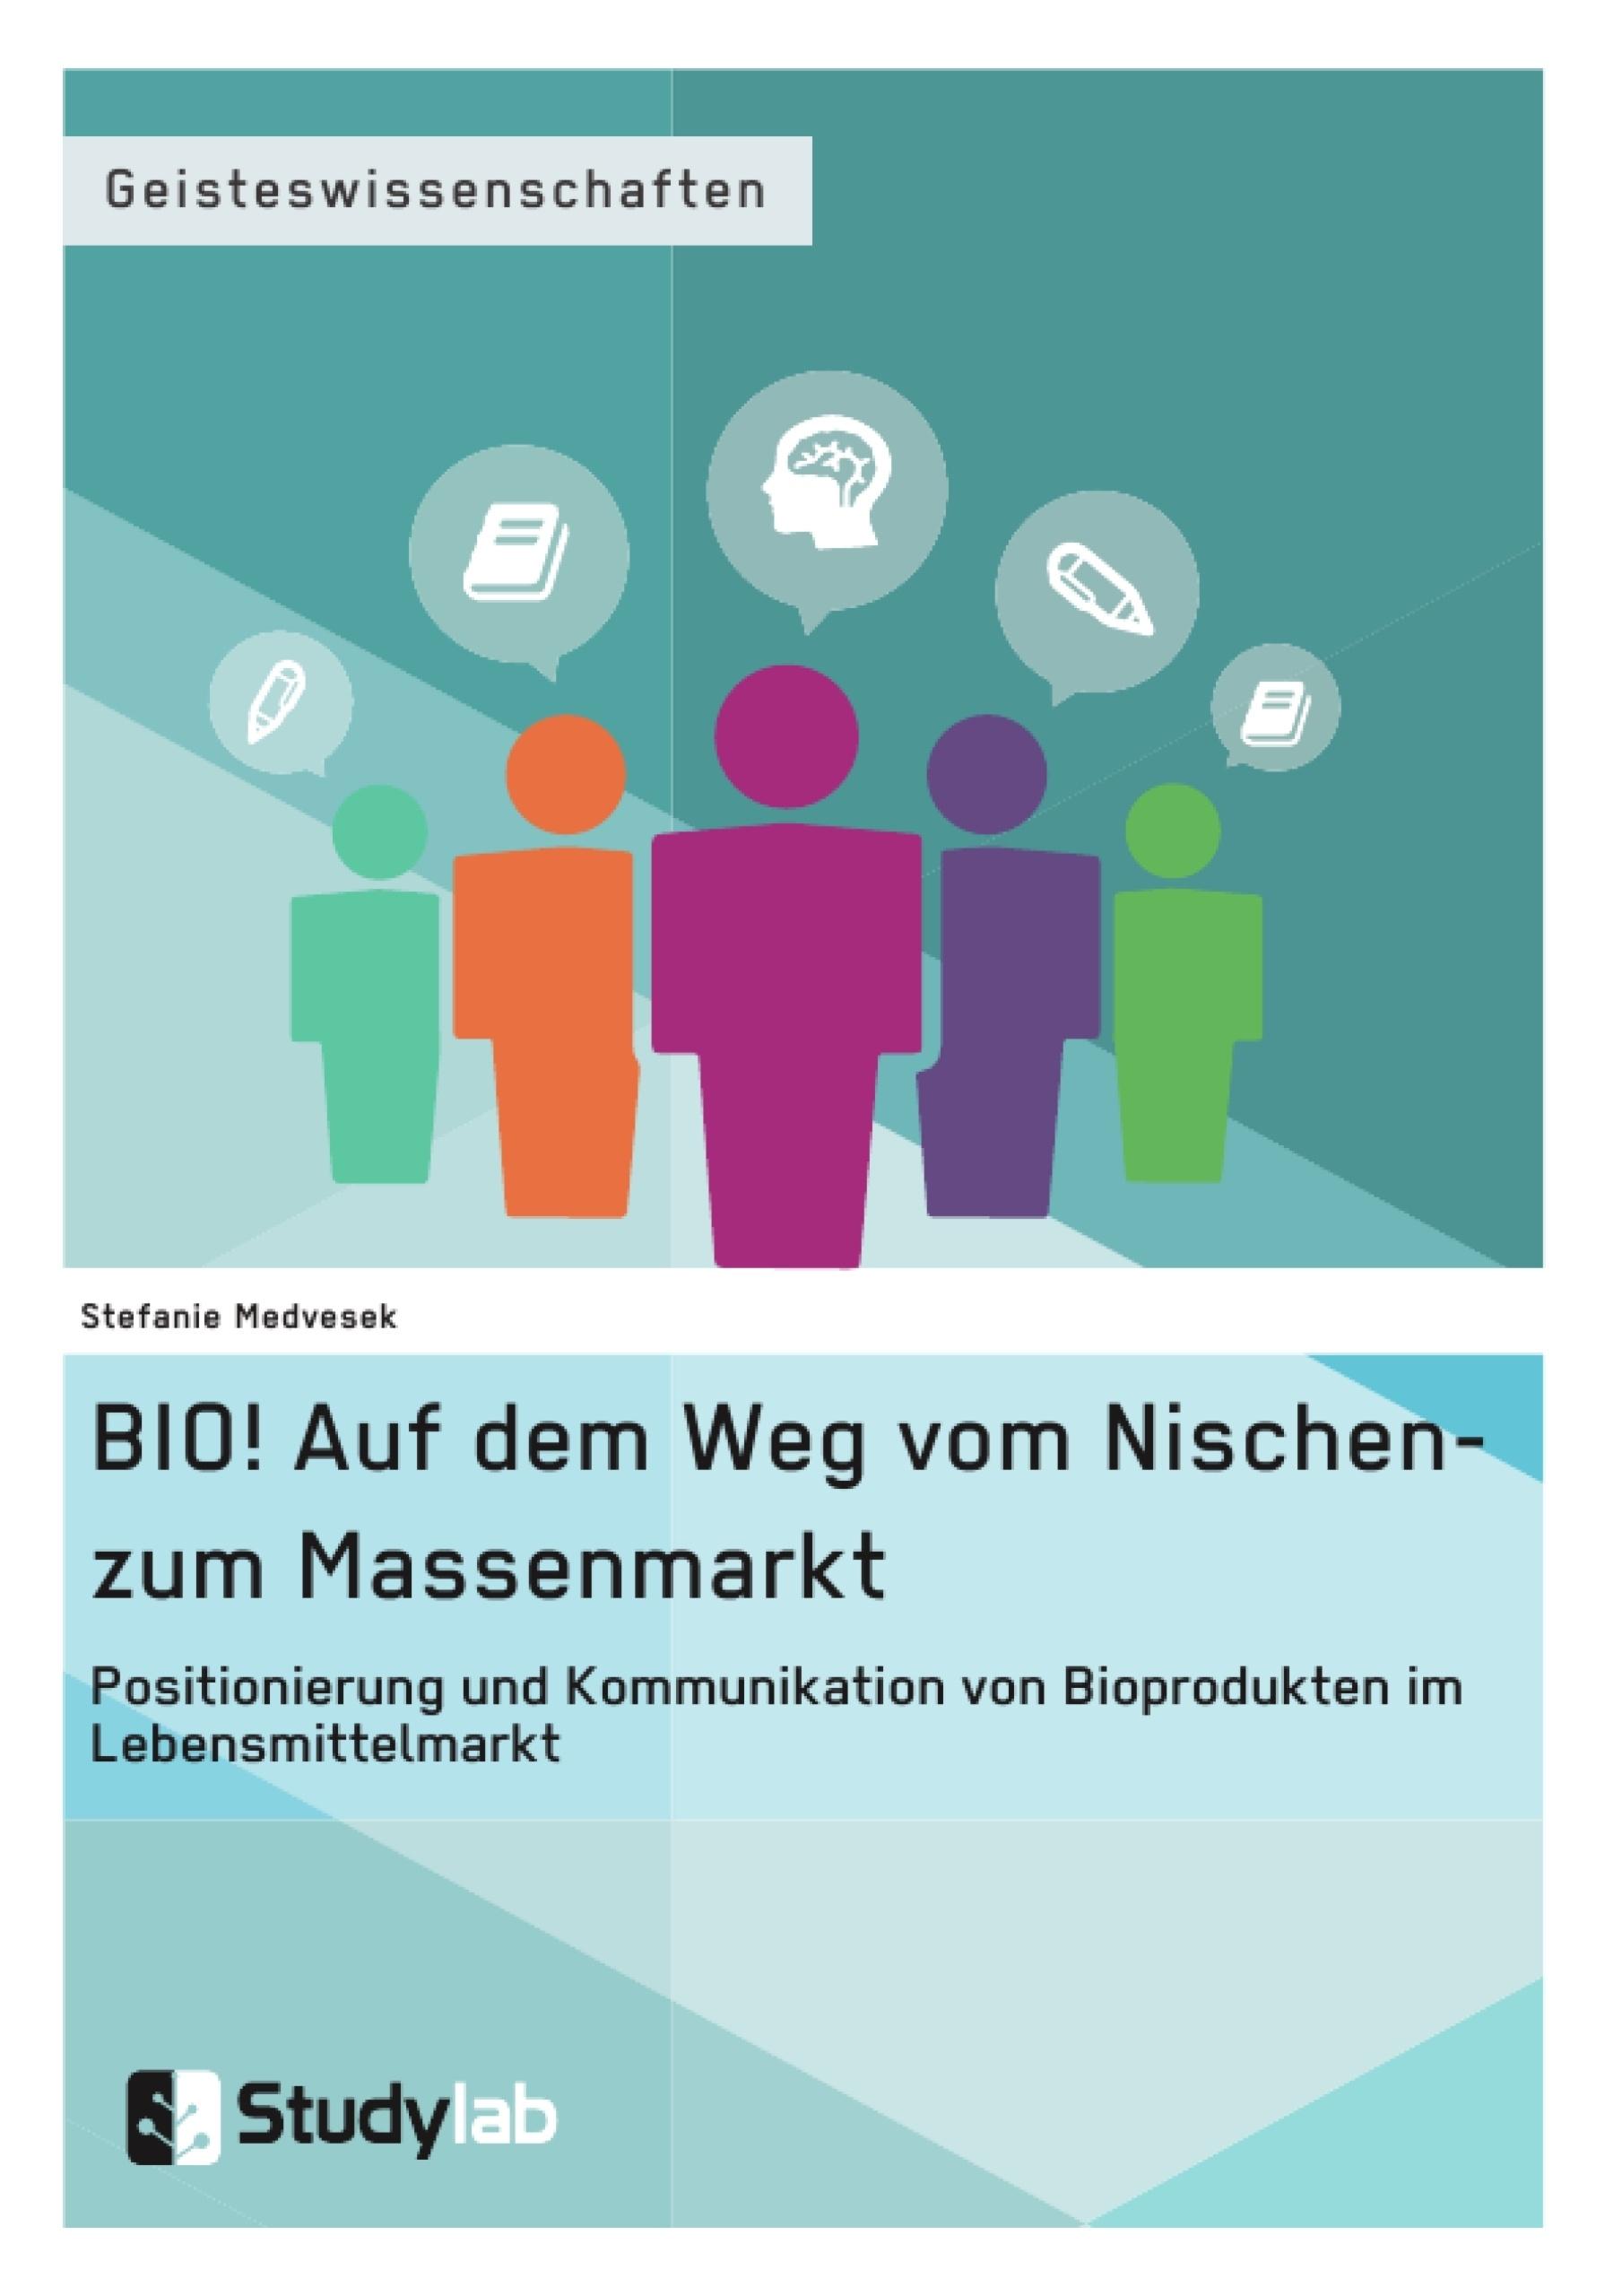 Titel: BIO! Auf dem Weg vom Nischen- zum Massenmarkt